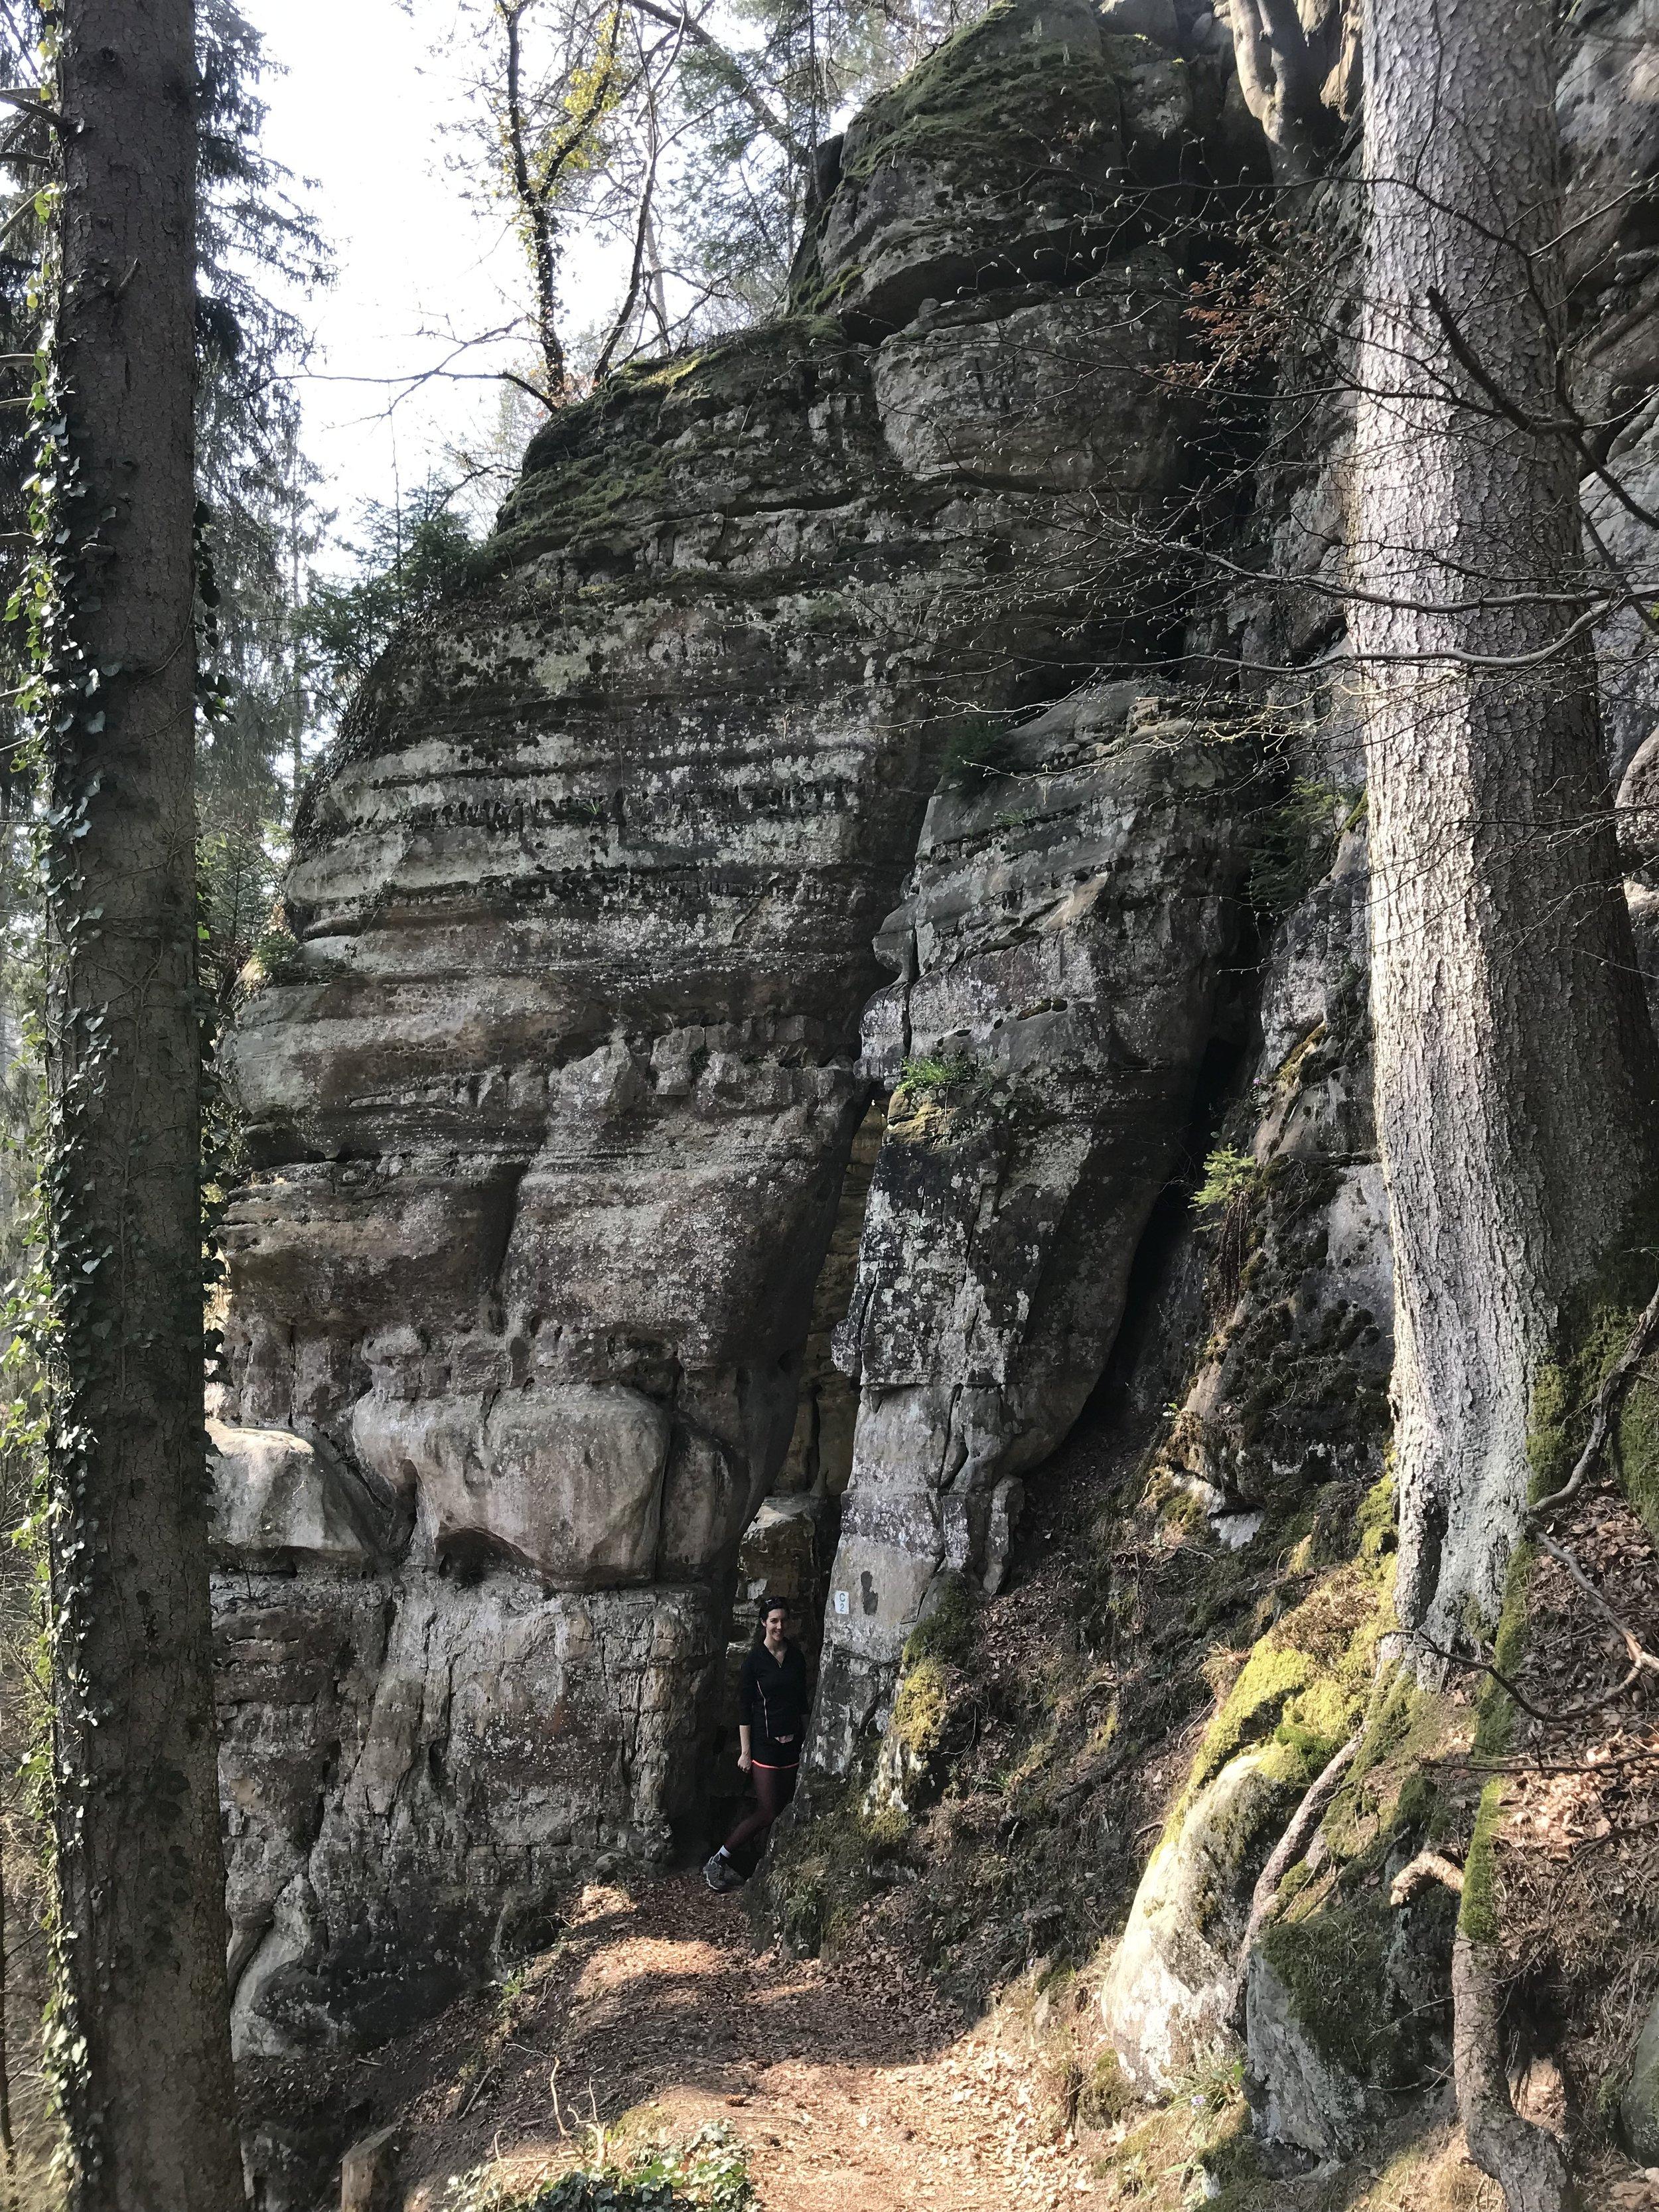 Infos pratiques - ★ Date : 7 avril★ Lieu : Müllerthal, Luxembourg★ Distance : 15 km★ Météo : Le printemps n'est pas encore arrivé au Luxembourg, mais on a bien transpiré dans les montées